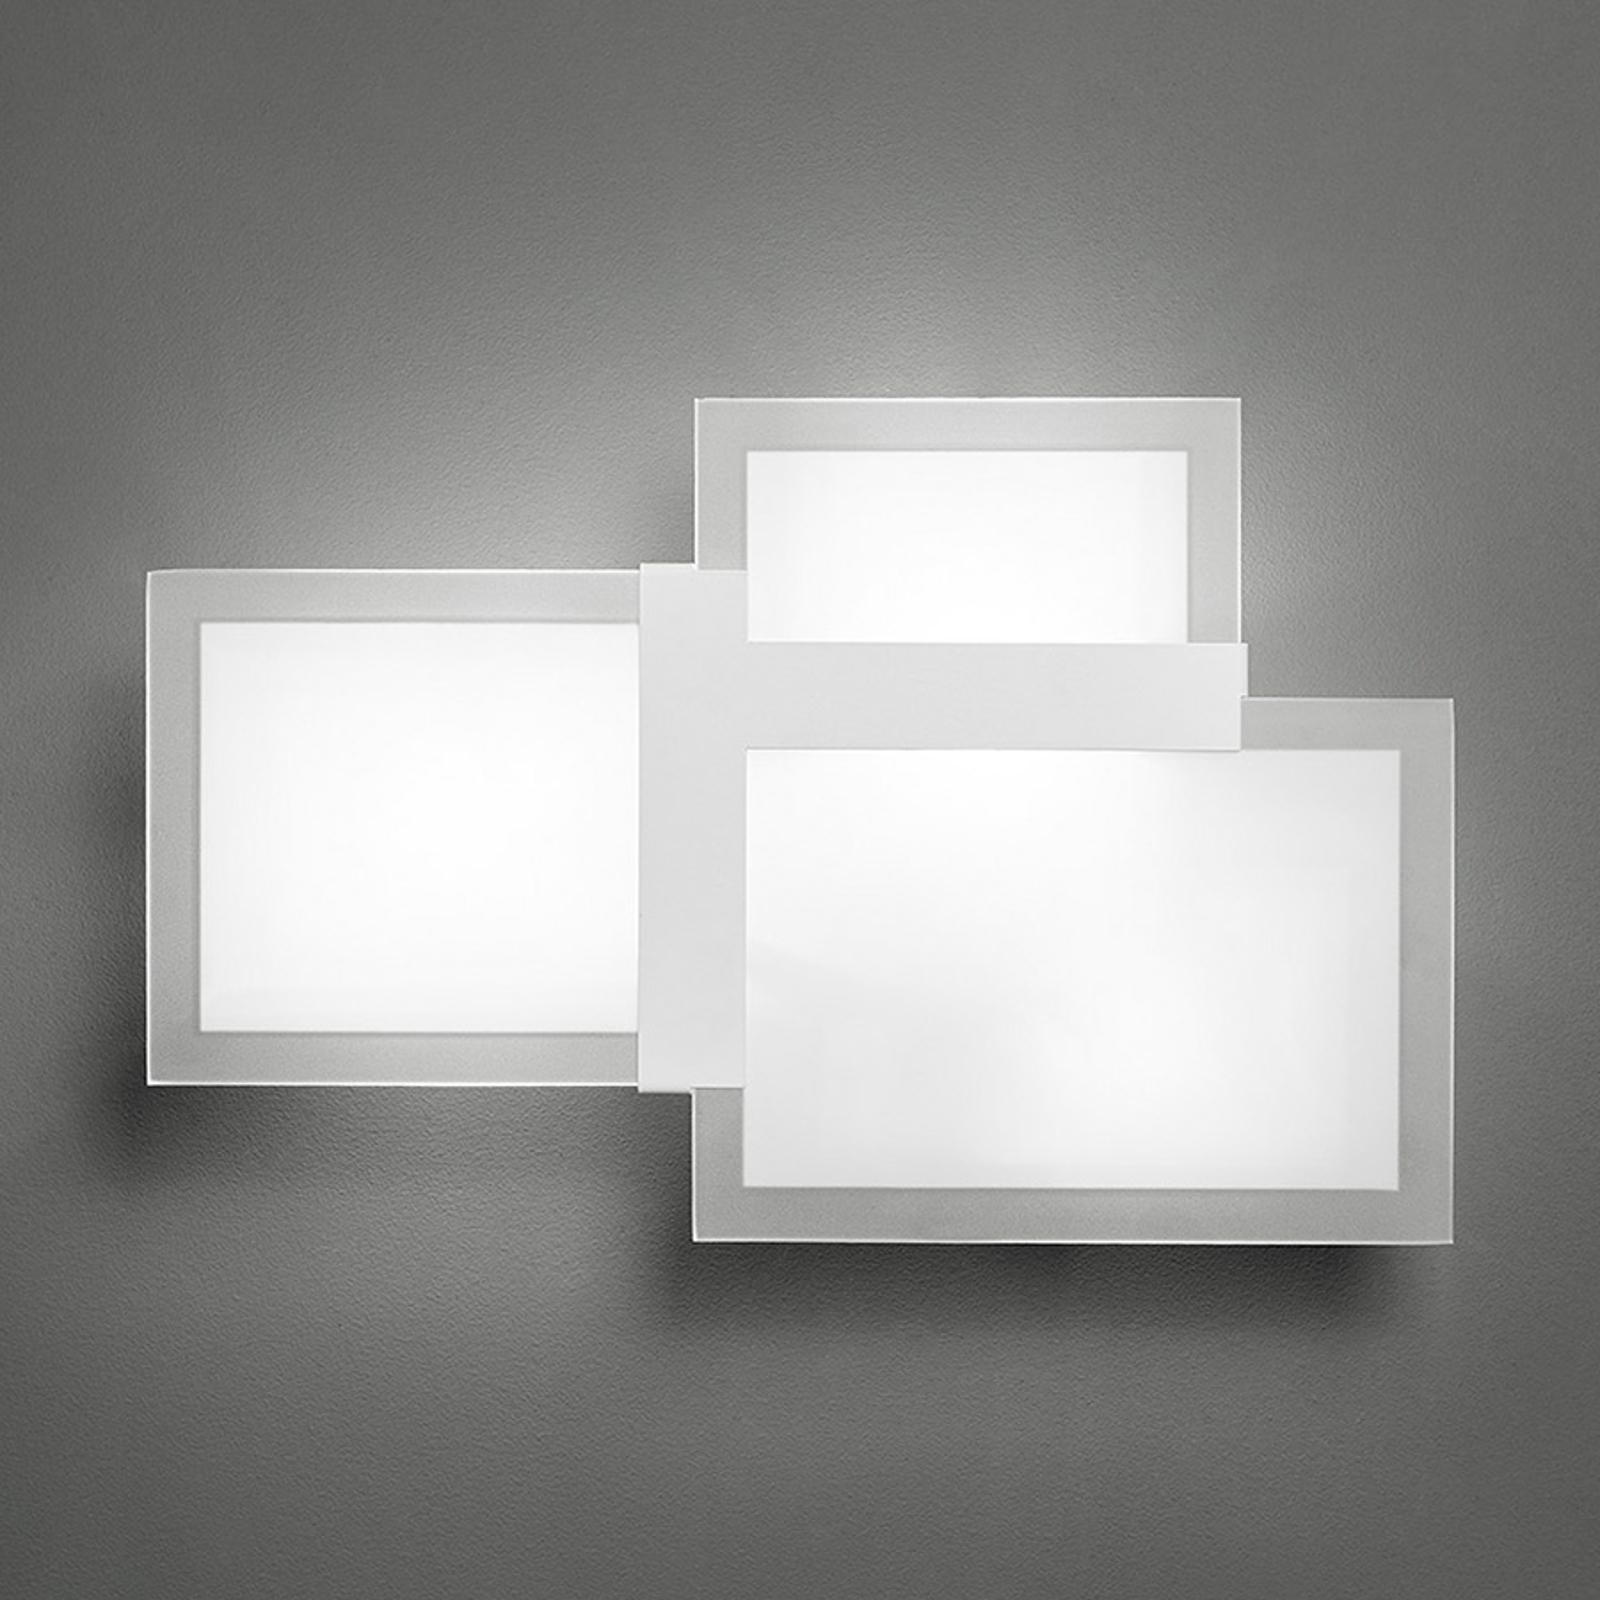 Triquadro piccola - een Designer wandlamp